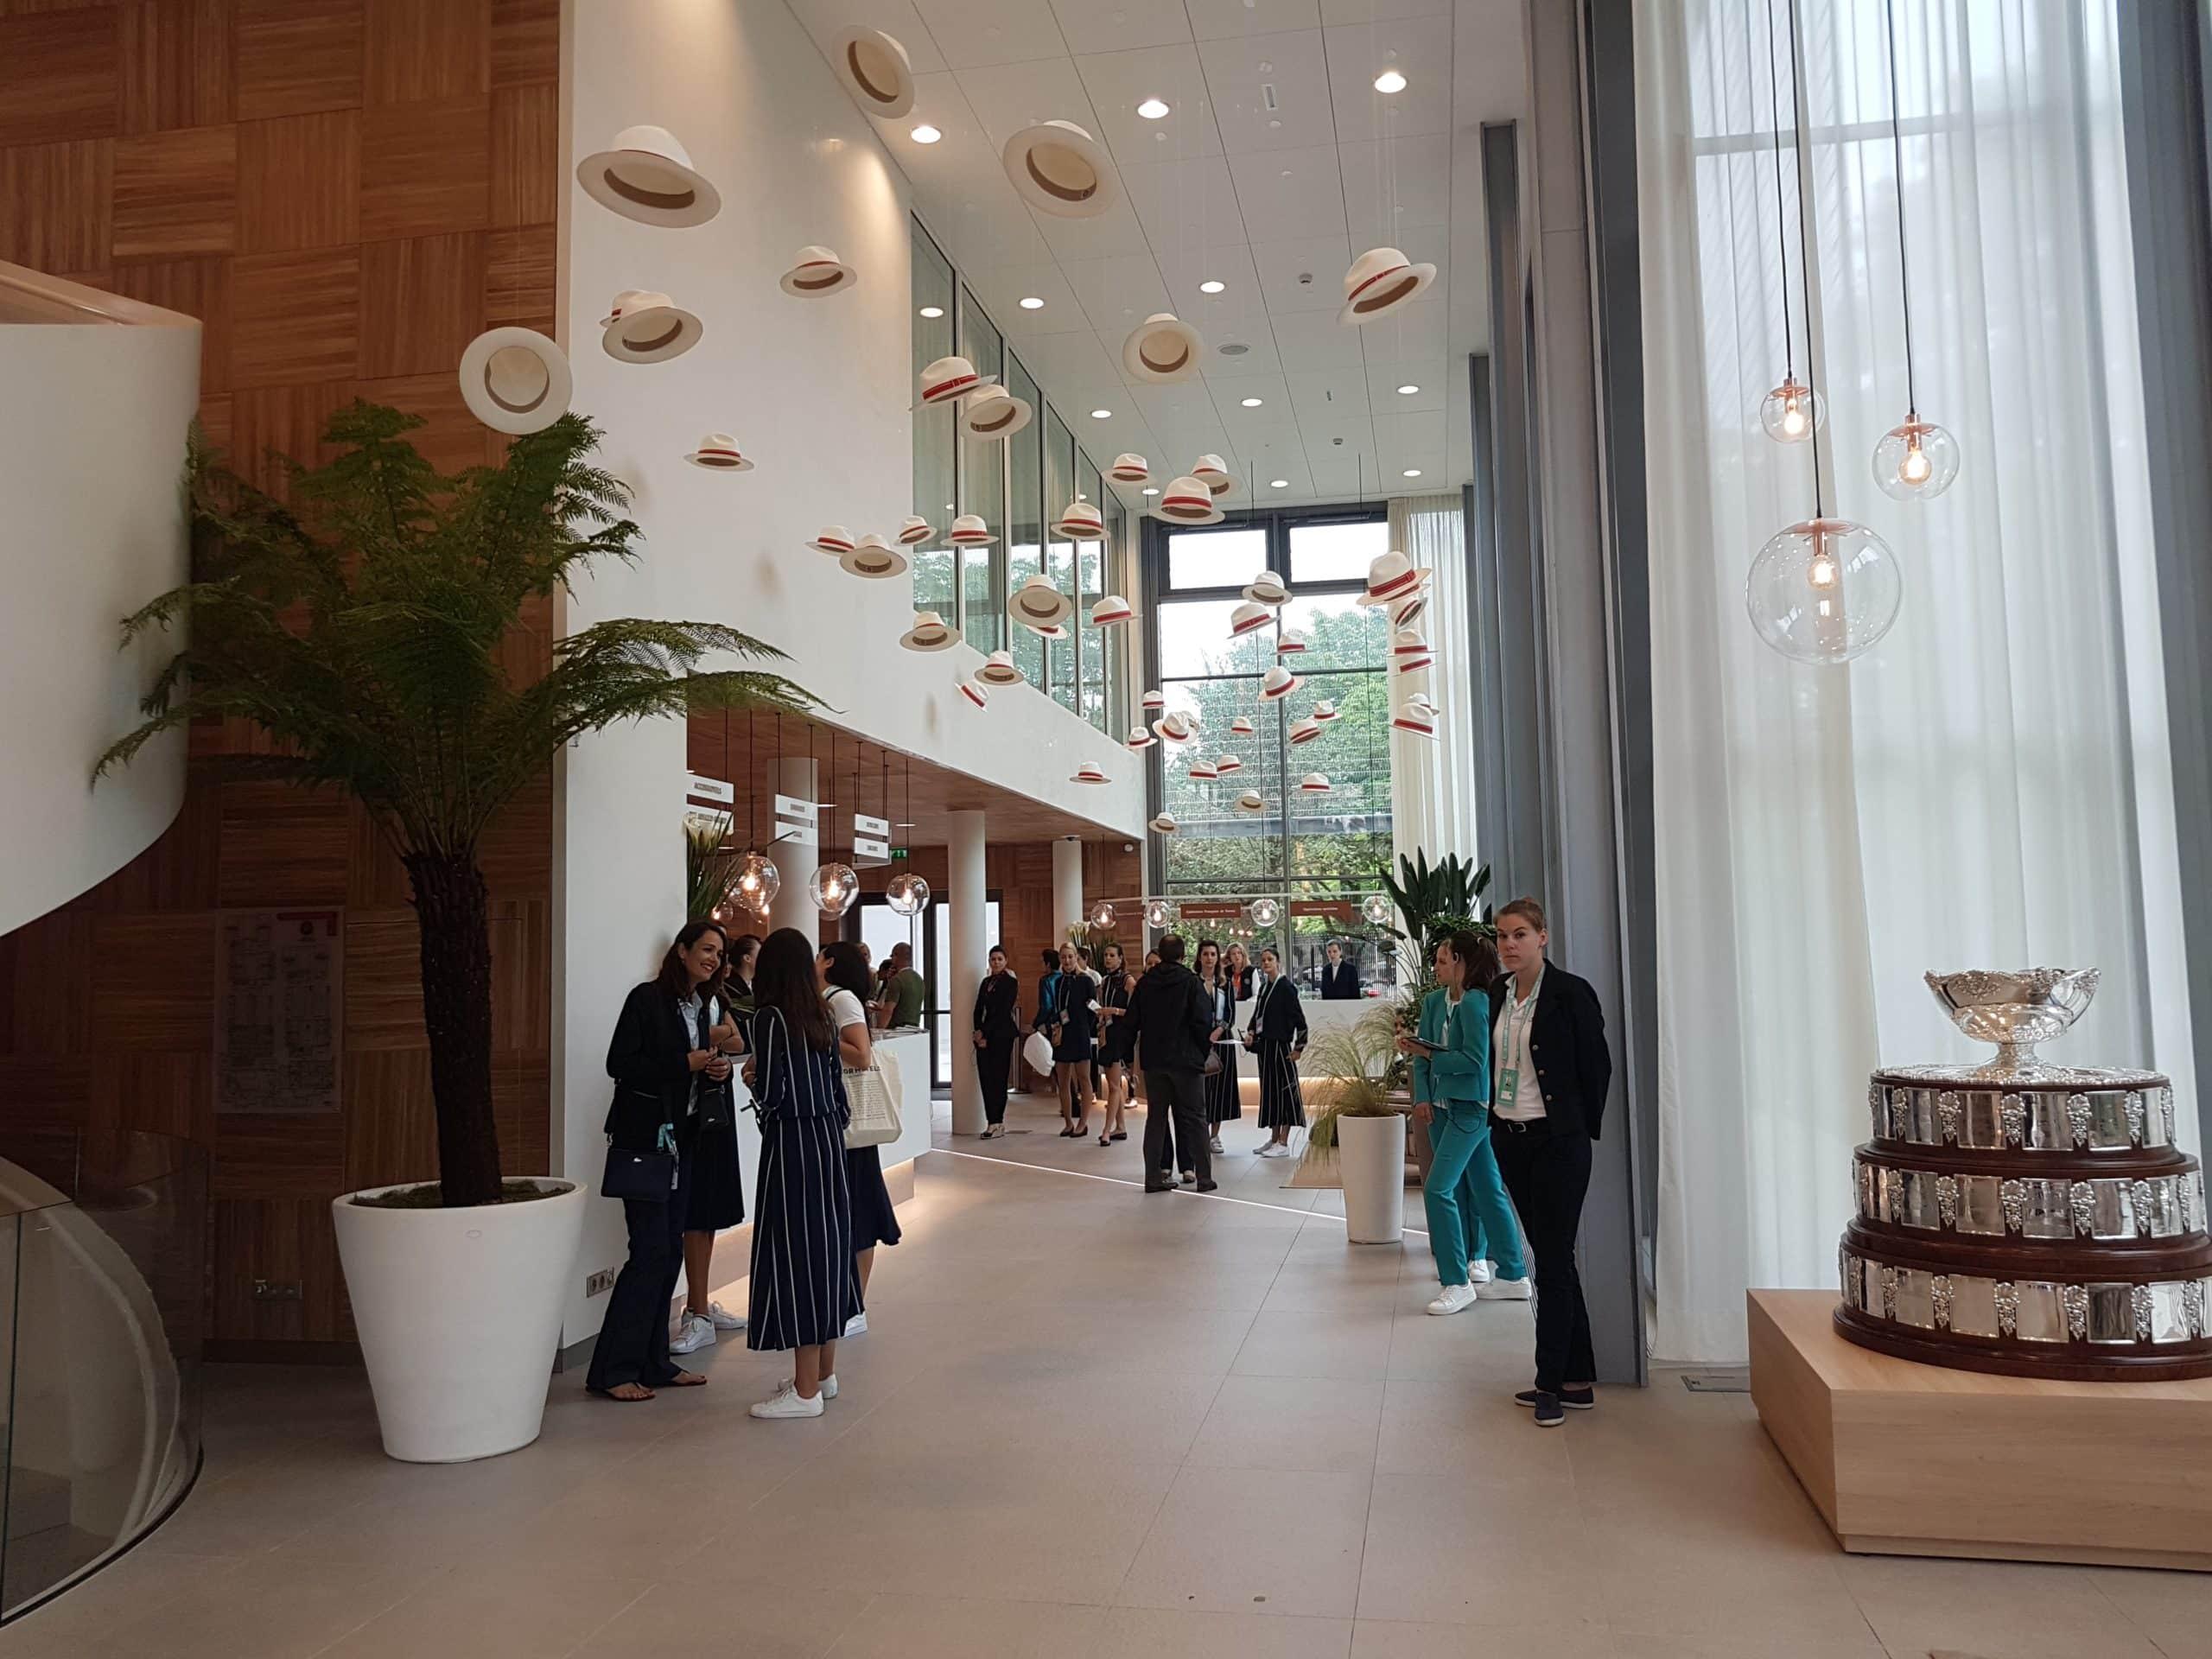 Entrée du nouveau Village de Roland-Garros, bâtiment de l'organisation imaginé par l'agence Chaix & Morel et Associés et aménagé par l'agence W.